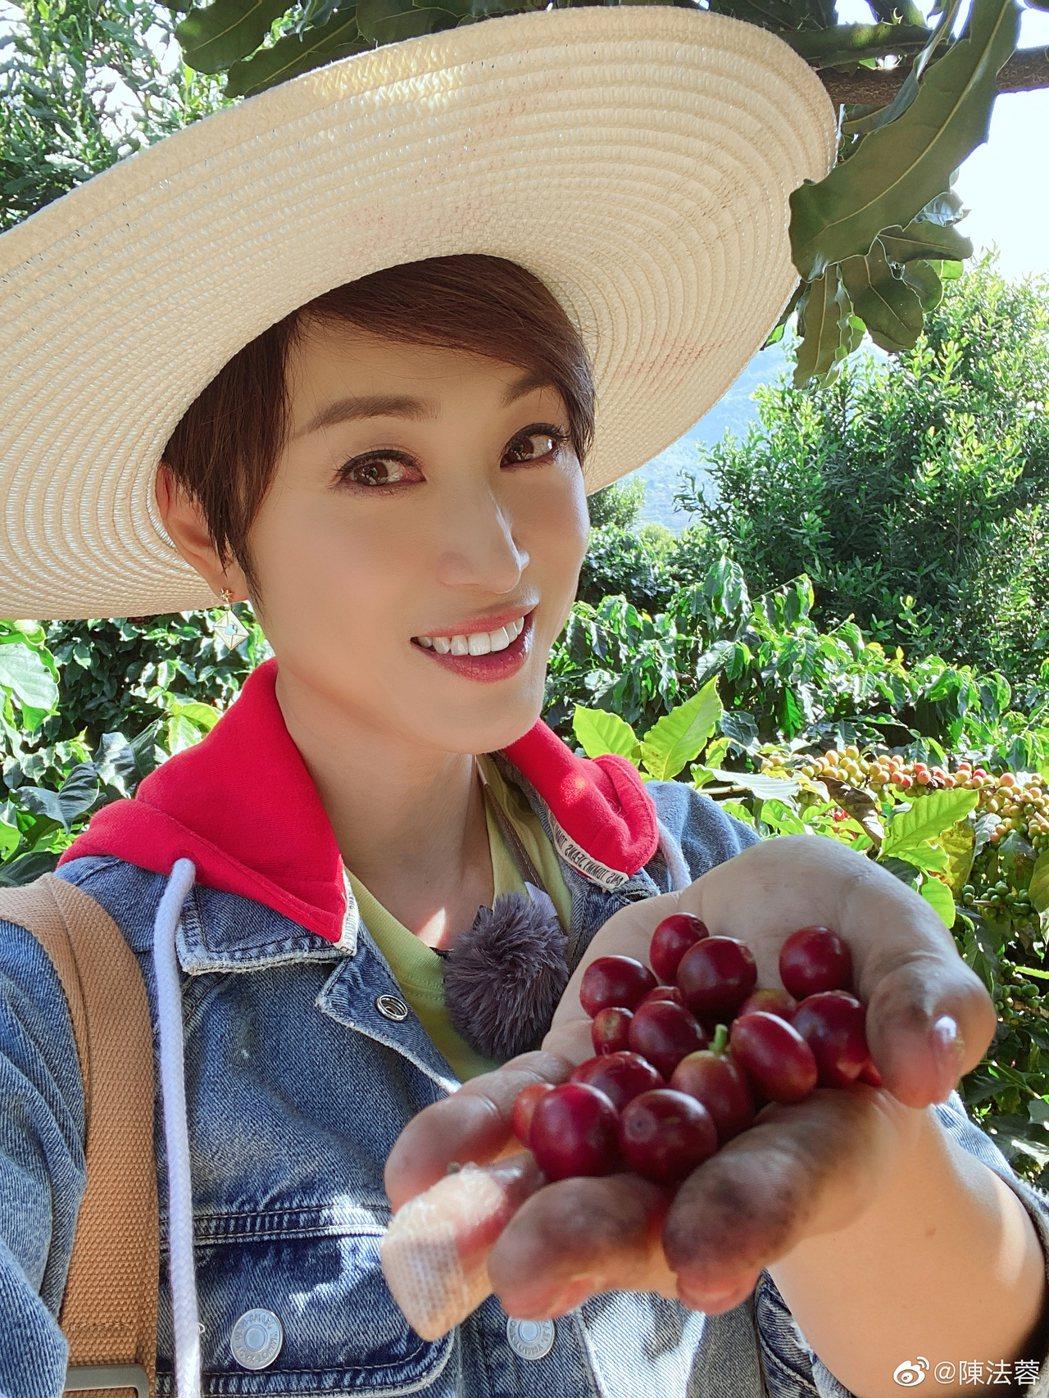 女星陳法蓉儘管已54歲仍保養得宜。圖/擷自微博